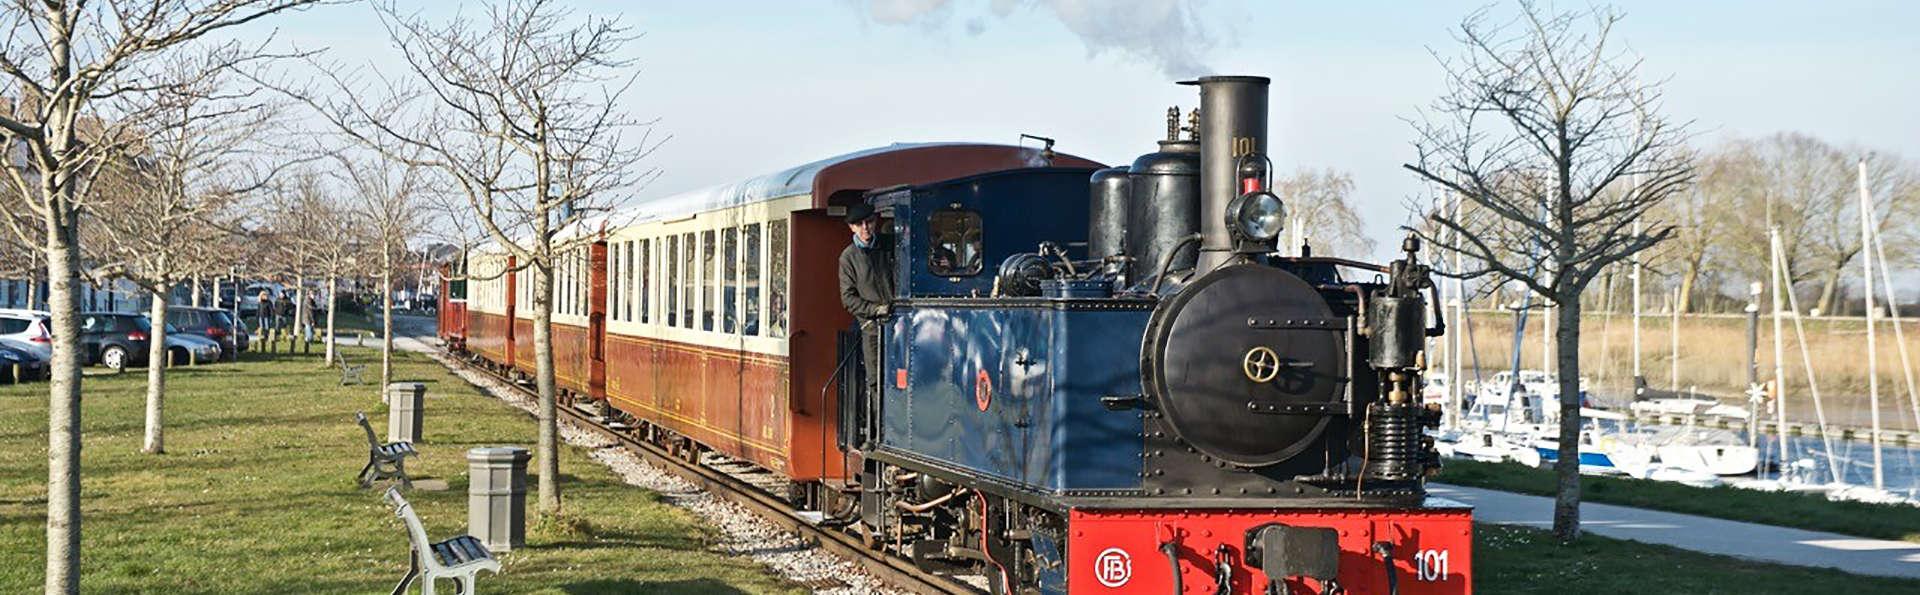 Week-end découvert avec balade en petit train dans la Baie de Somme